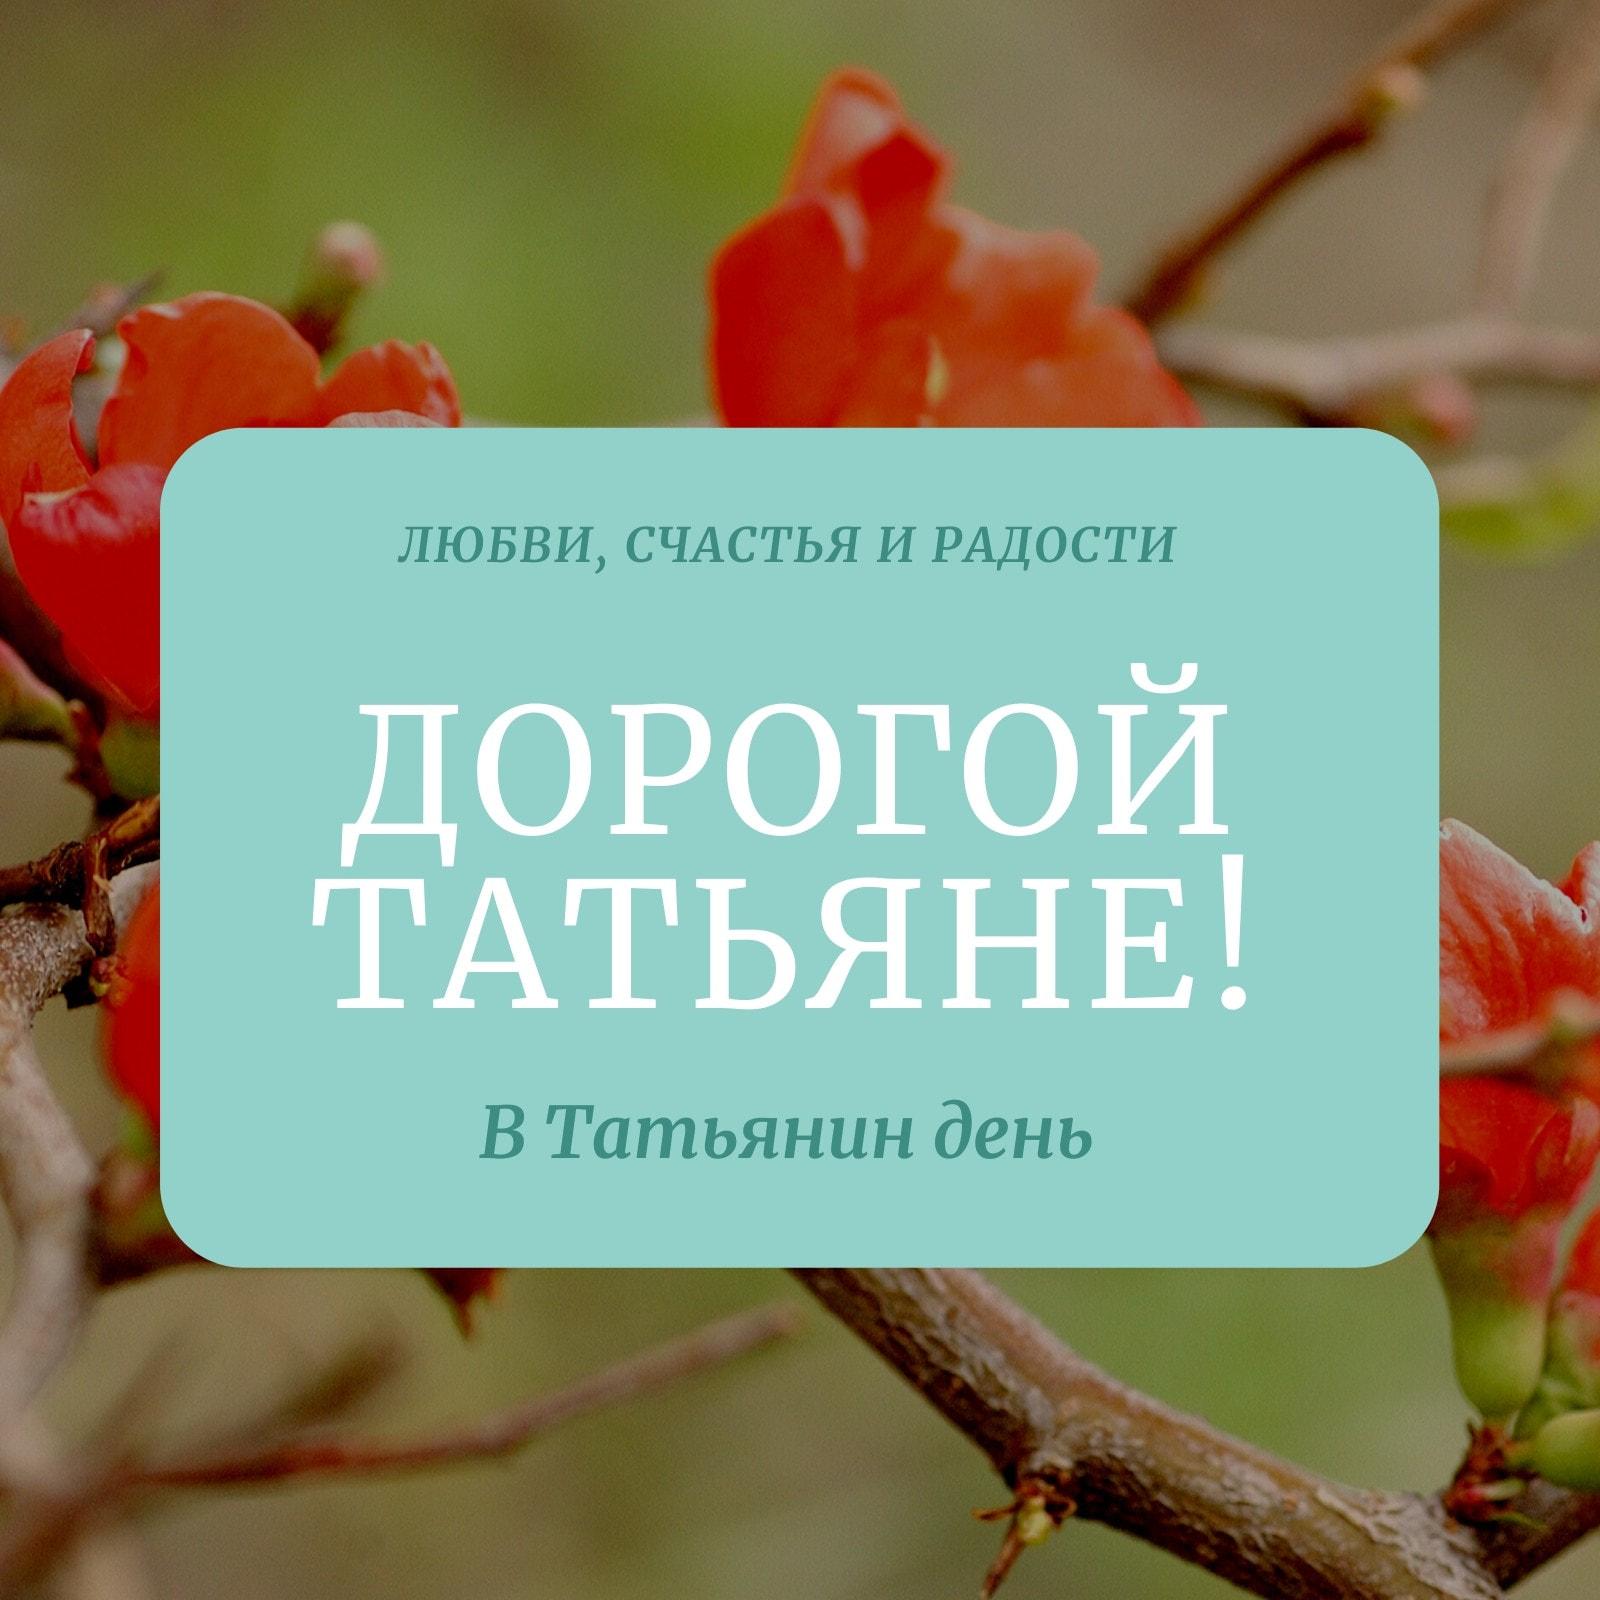 Пост для Инстаграма с поздравлением для Татьяны в Татьянин день с фотографией красных цветов на фоне